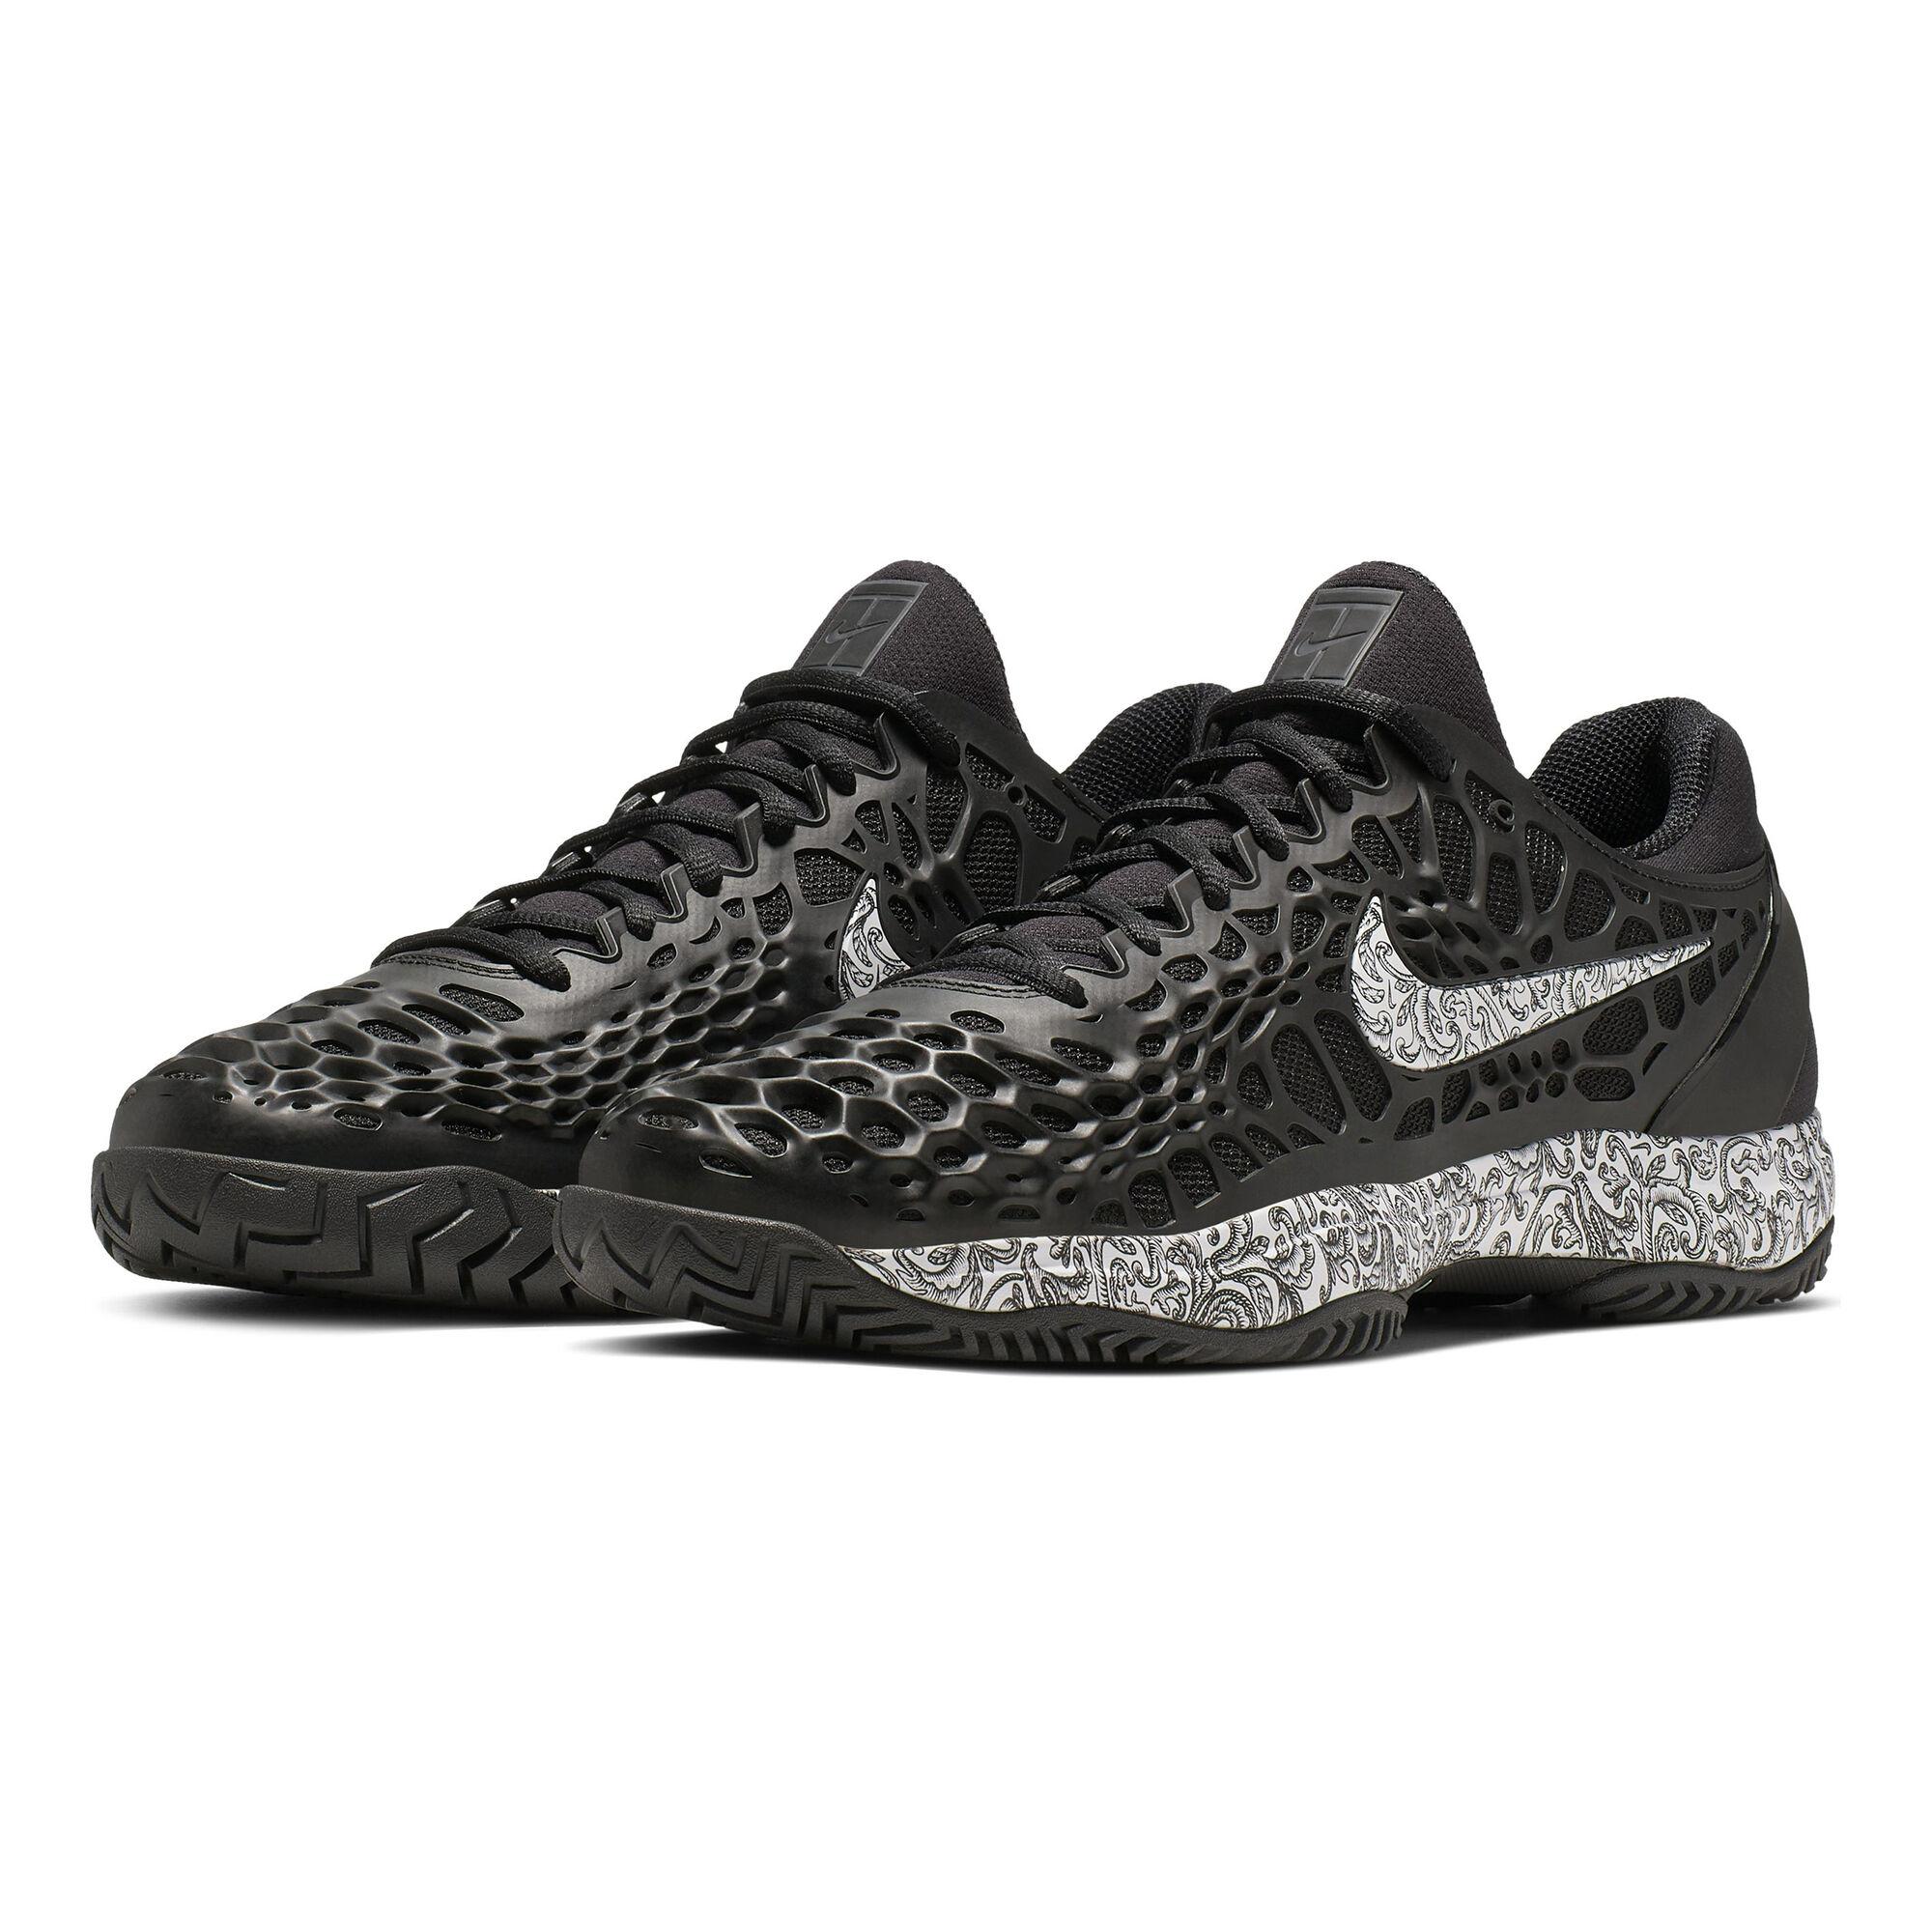 promo code 52f5d 4b59a ... Nike · Nike · Nike · Nike · Nike. Air Zoom Cage 3 ...